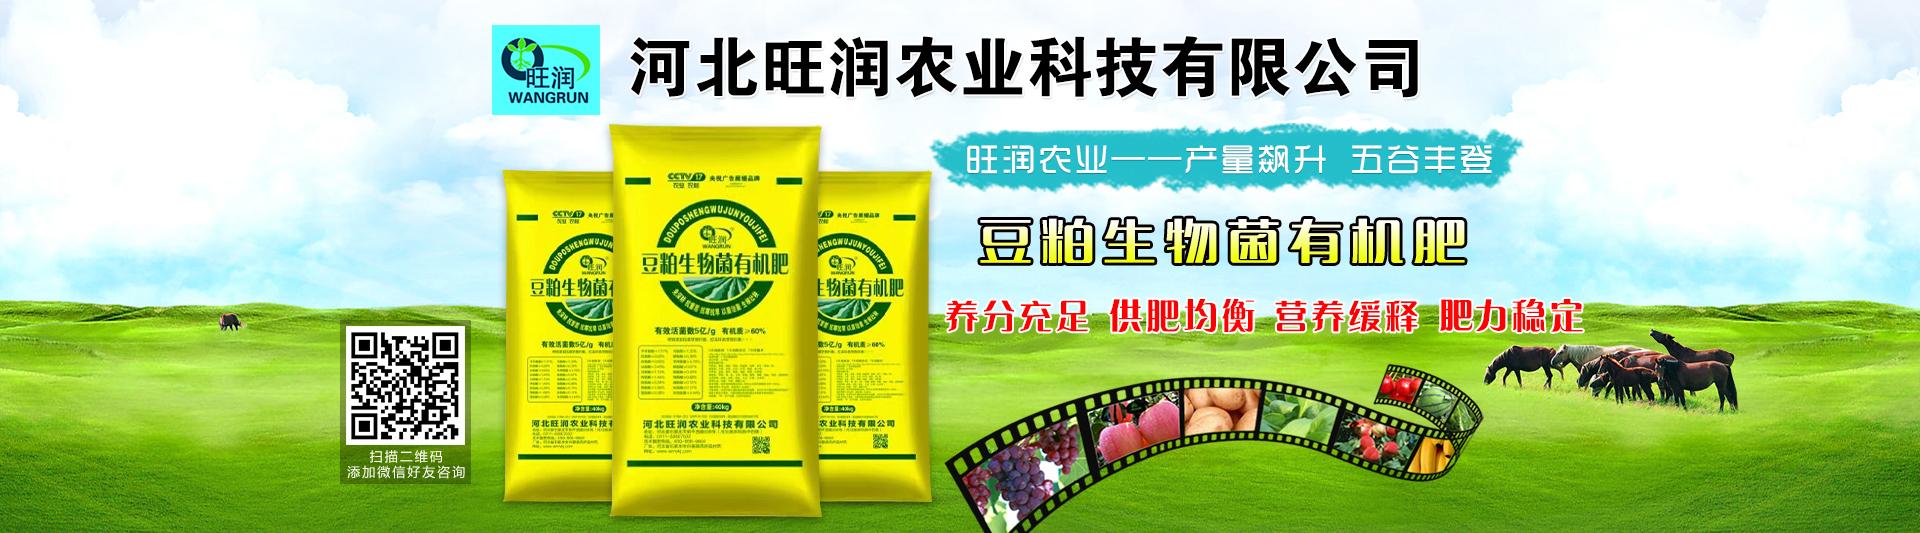 河北旺润农业科技有限公司